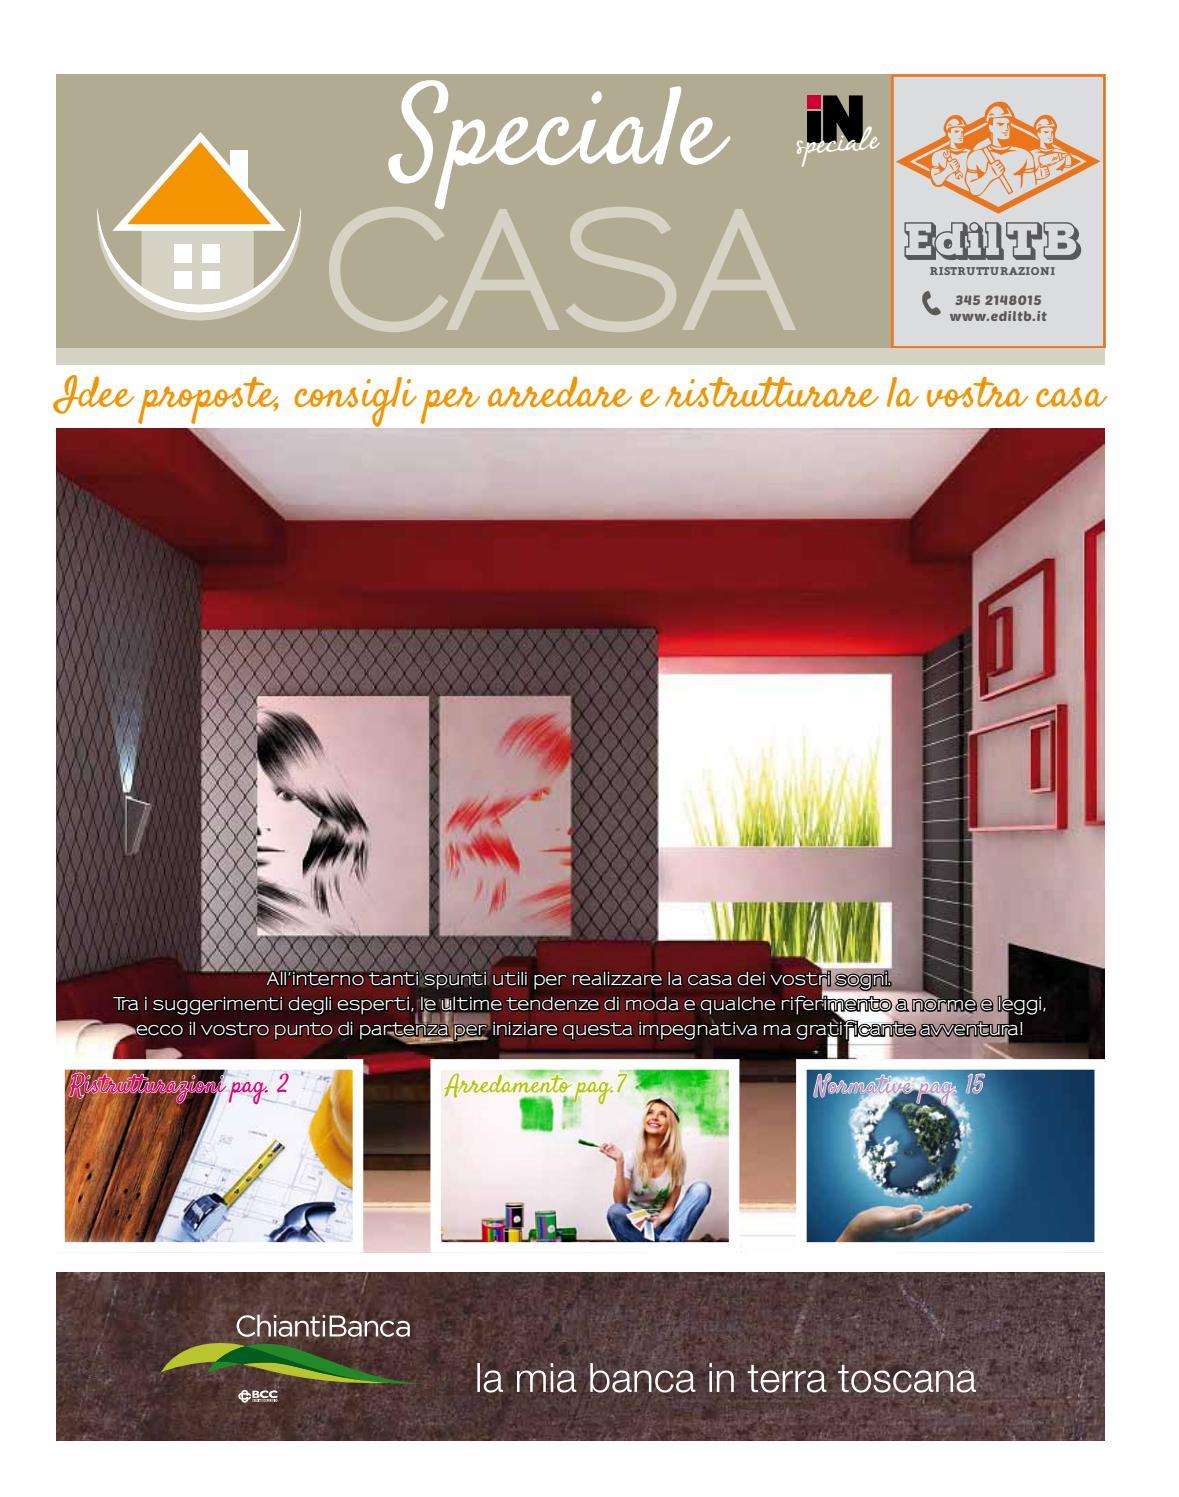 Detrazione Tinteggiatura Interna 2016 speciale casa 2016 by edimediafi - issuu